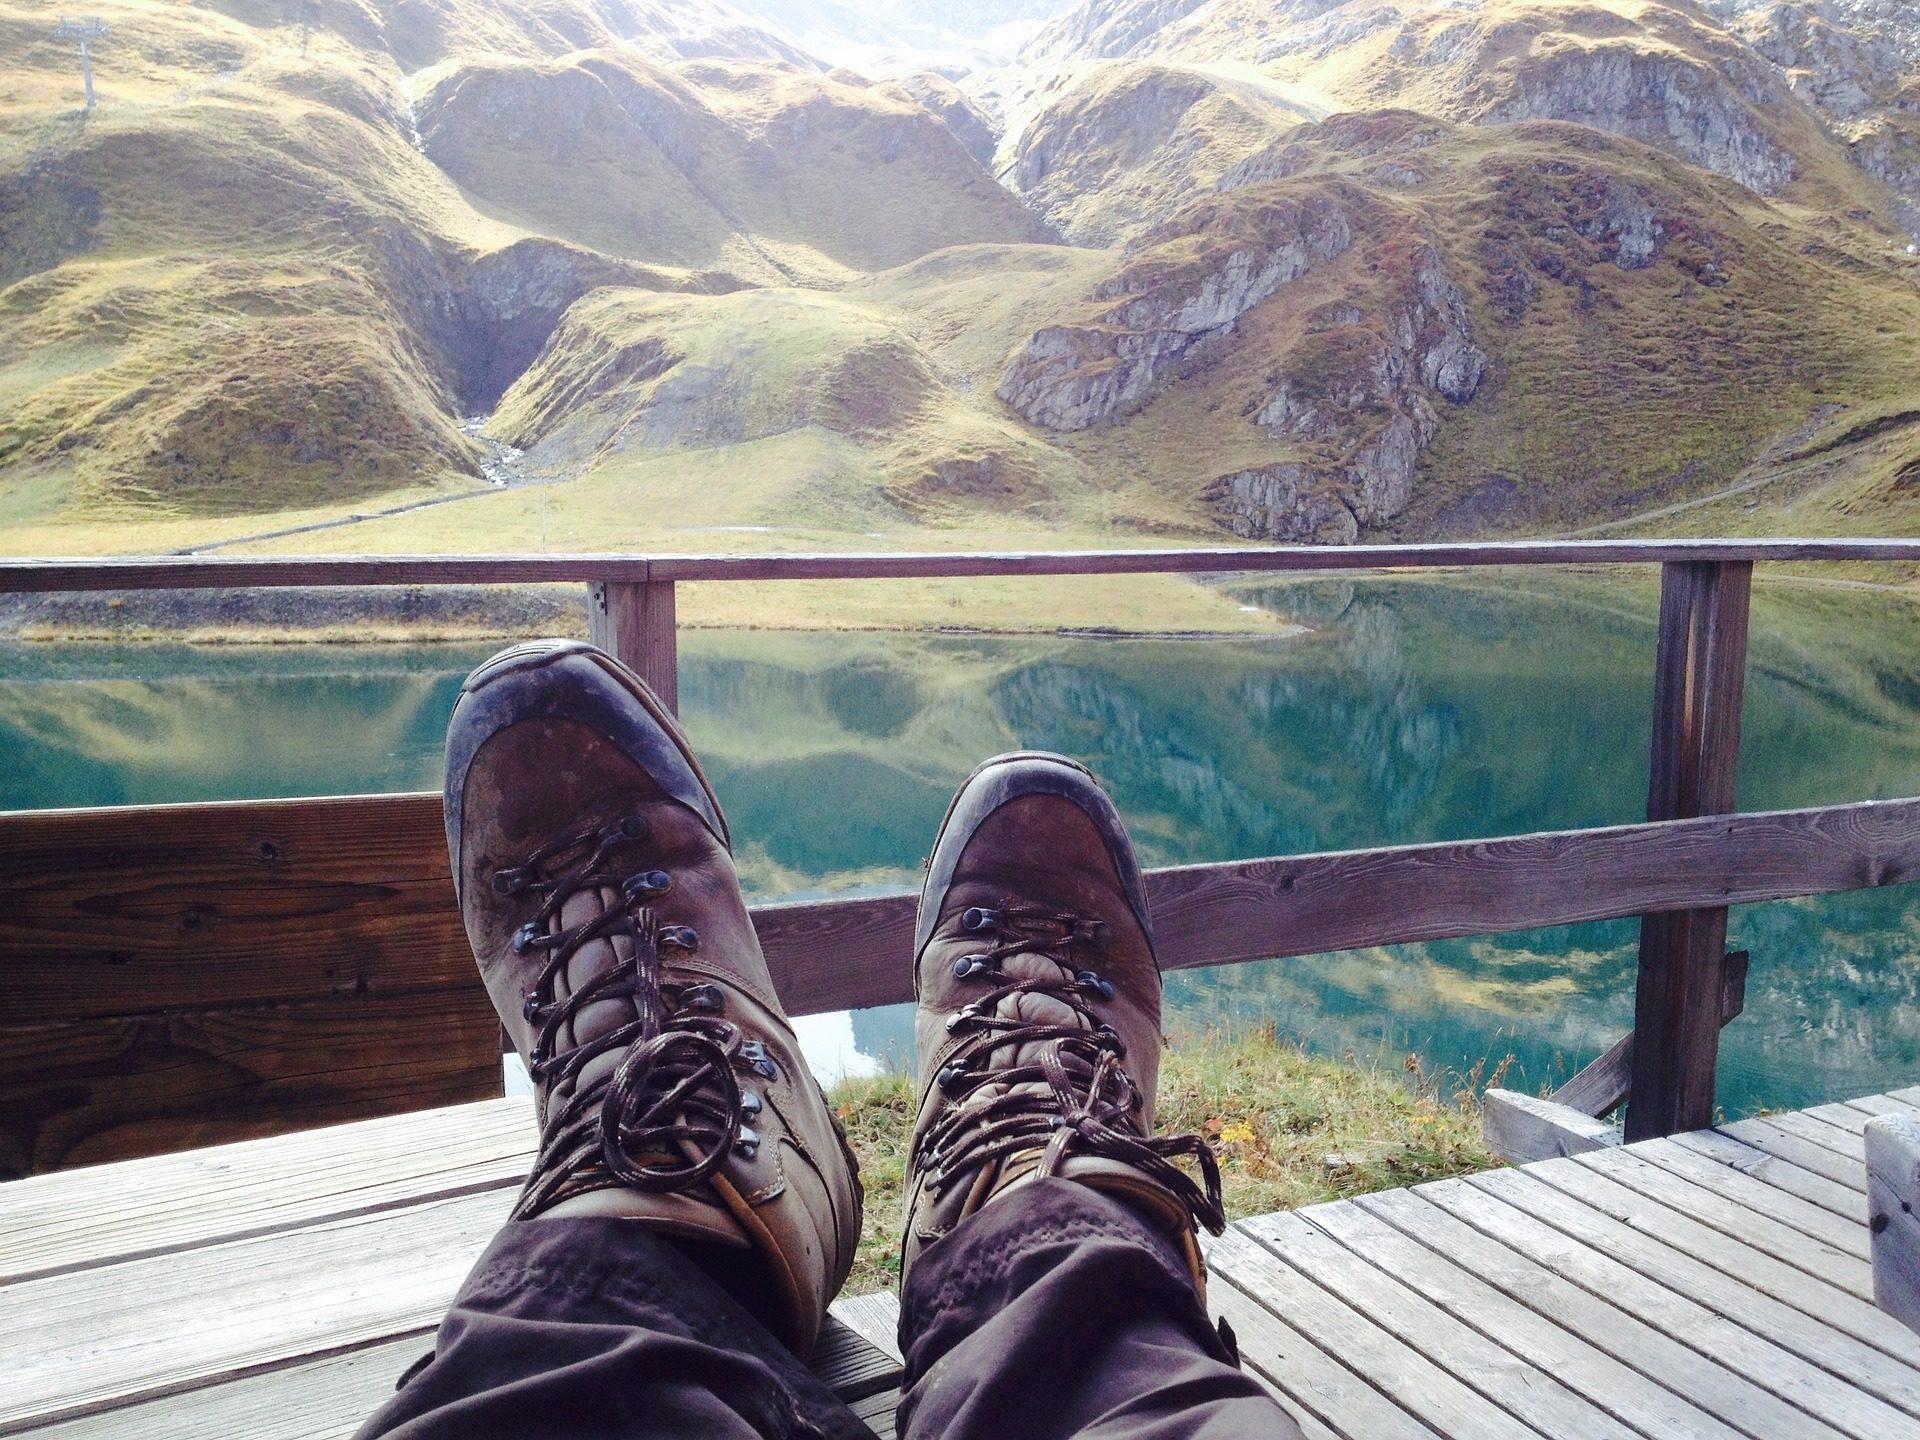 Füße, Stiefel, Rest, Landschaft, Montañas, Lake, Entspannen Sie sich - Wallpaper HD - Prof.-falken.com